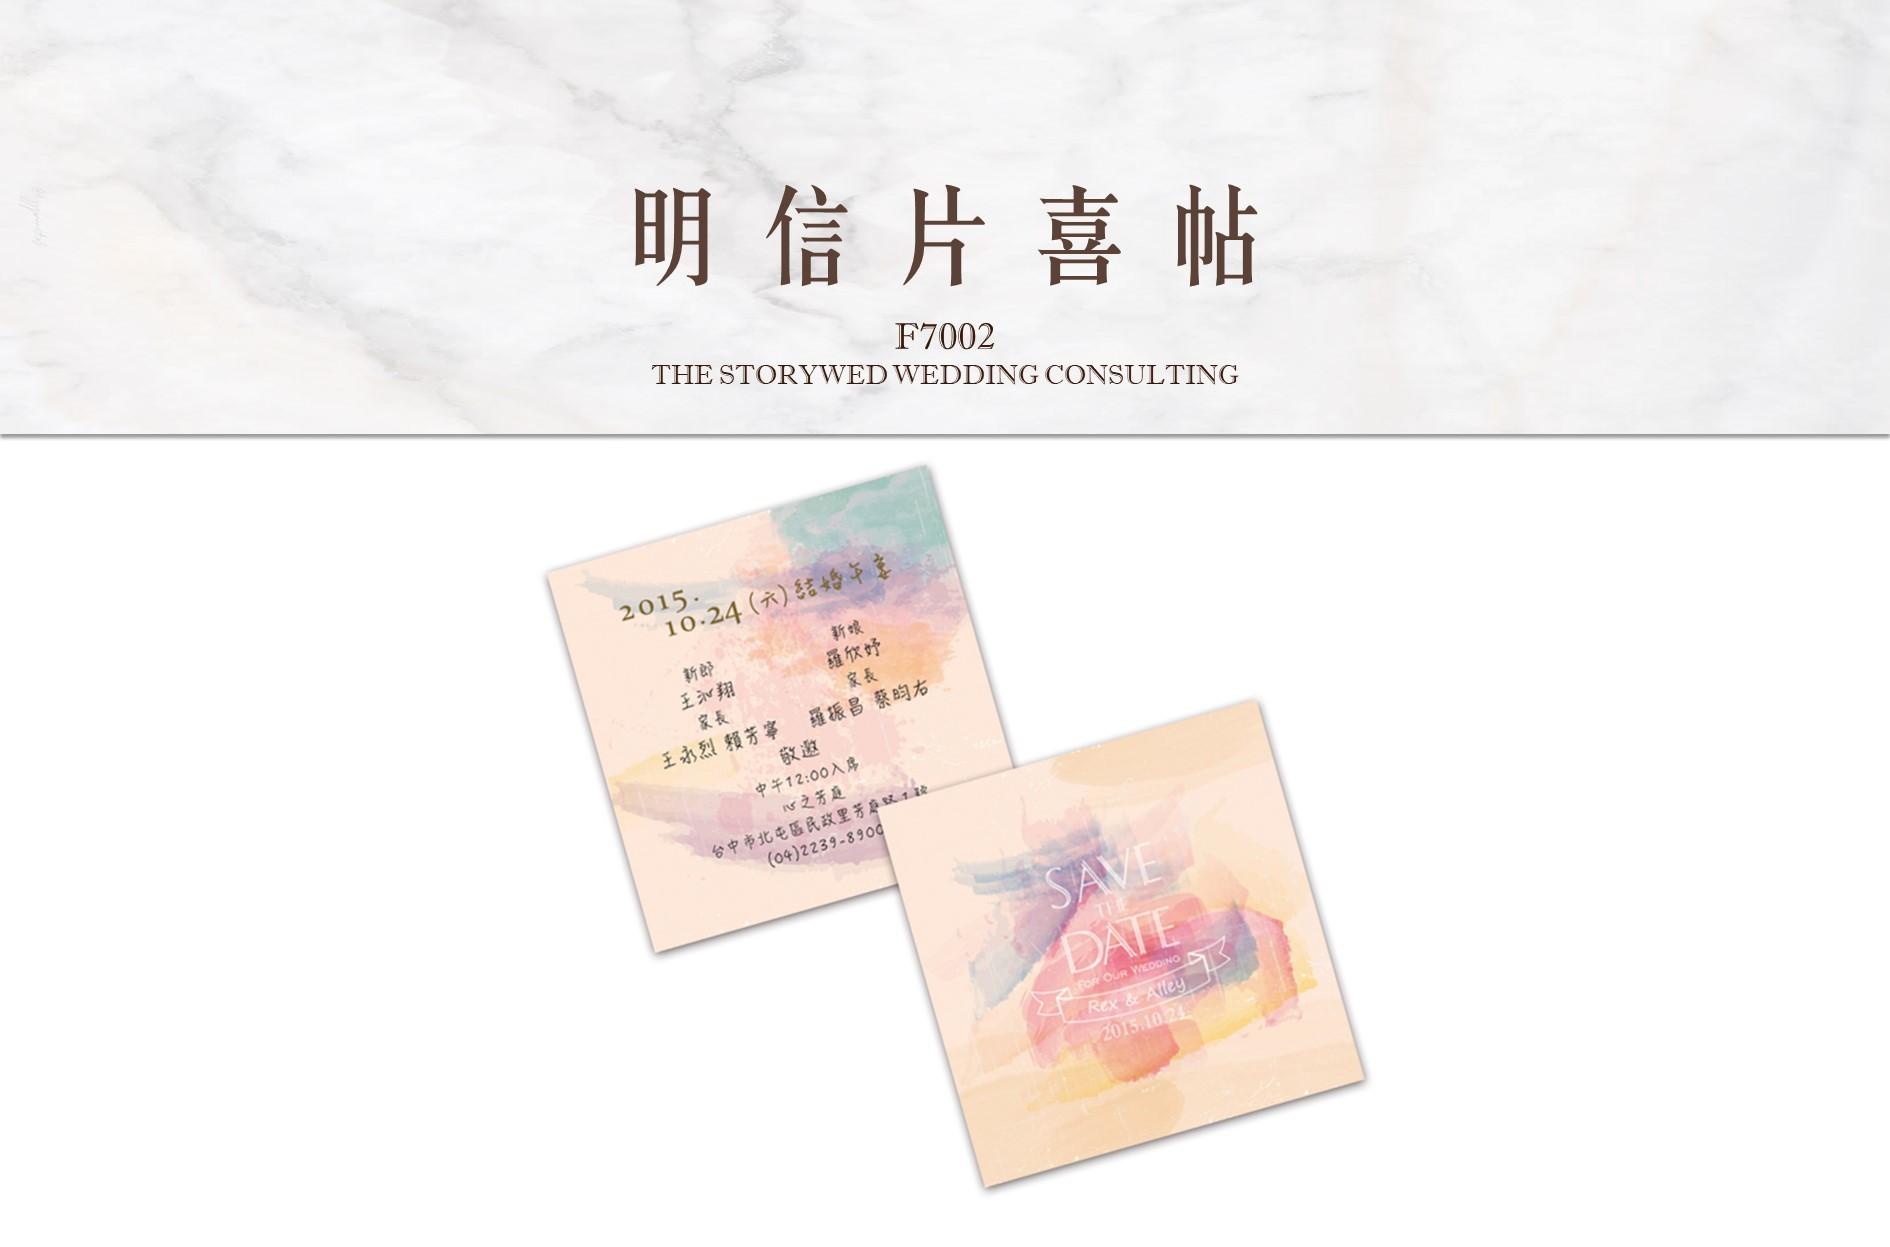 〖婚卡喜帖〗明信片喜帖 F7002